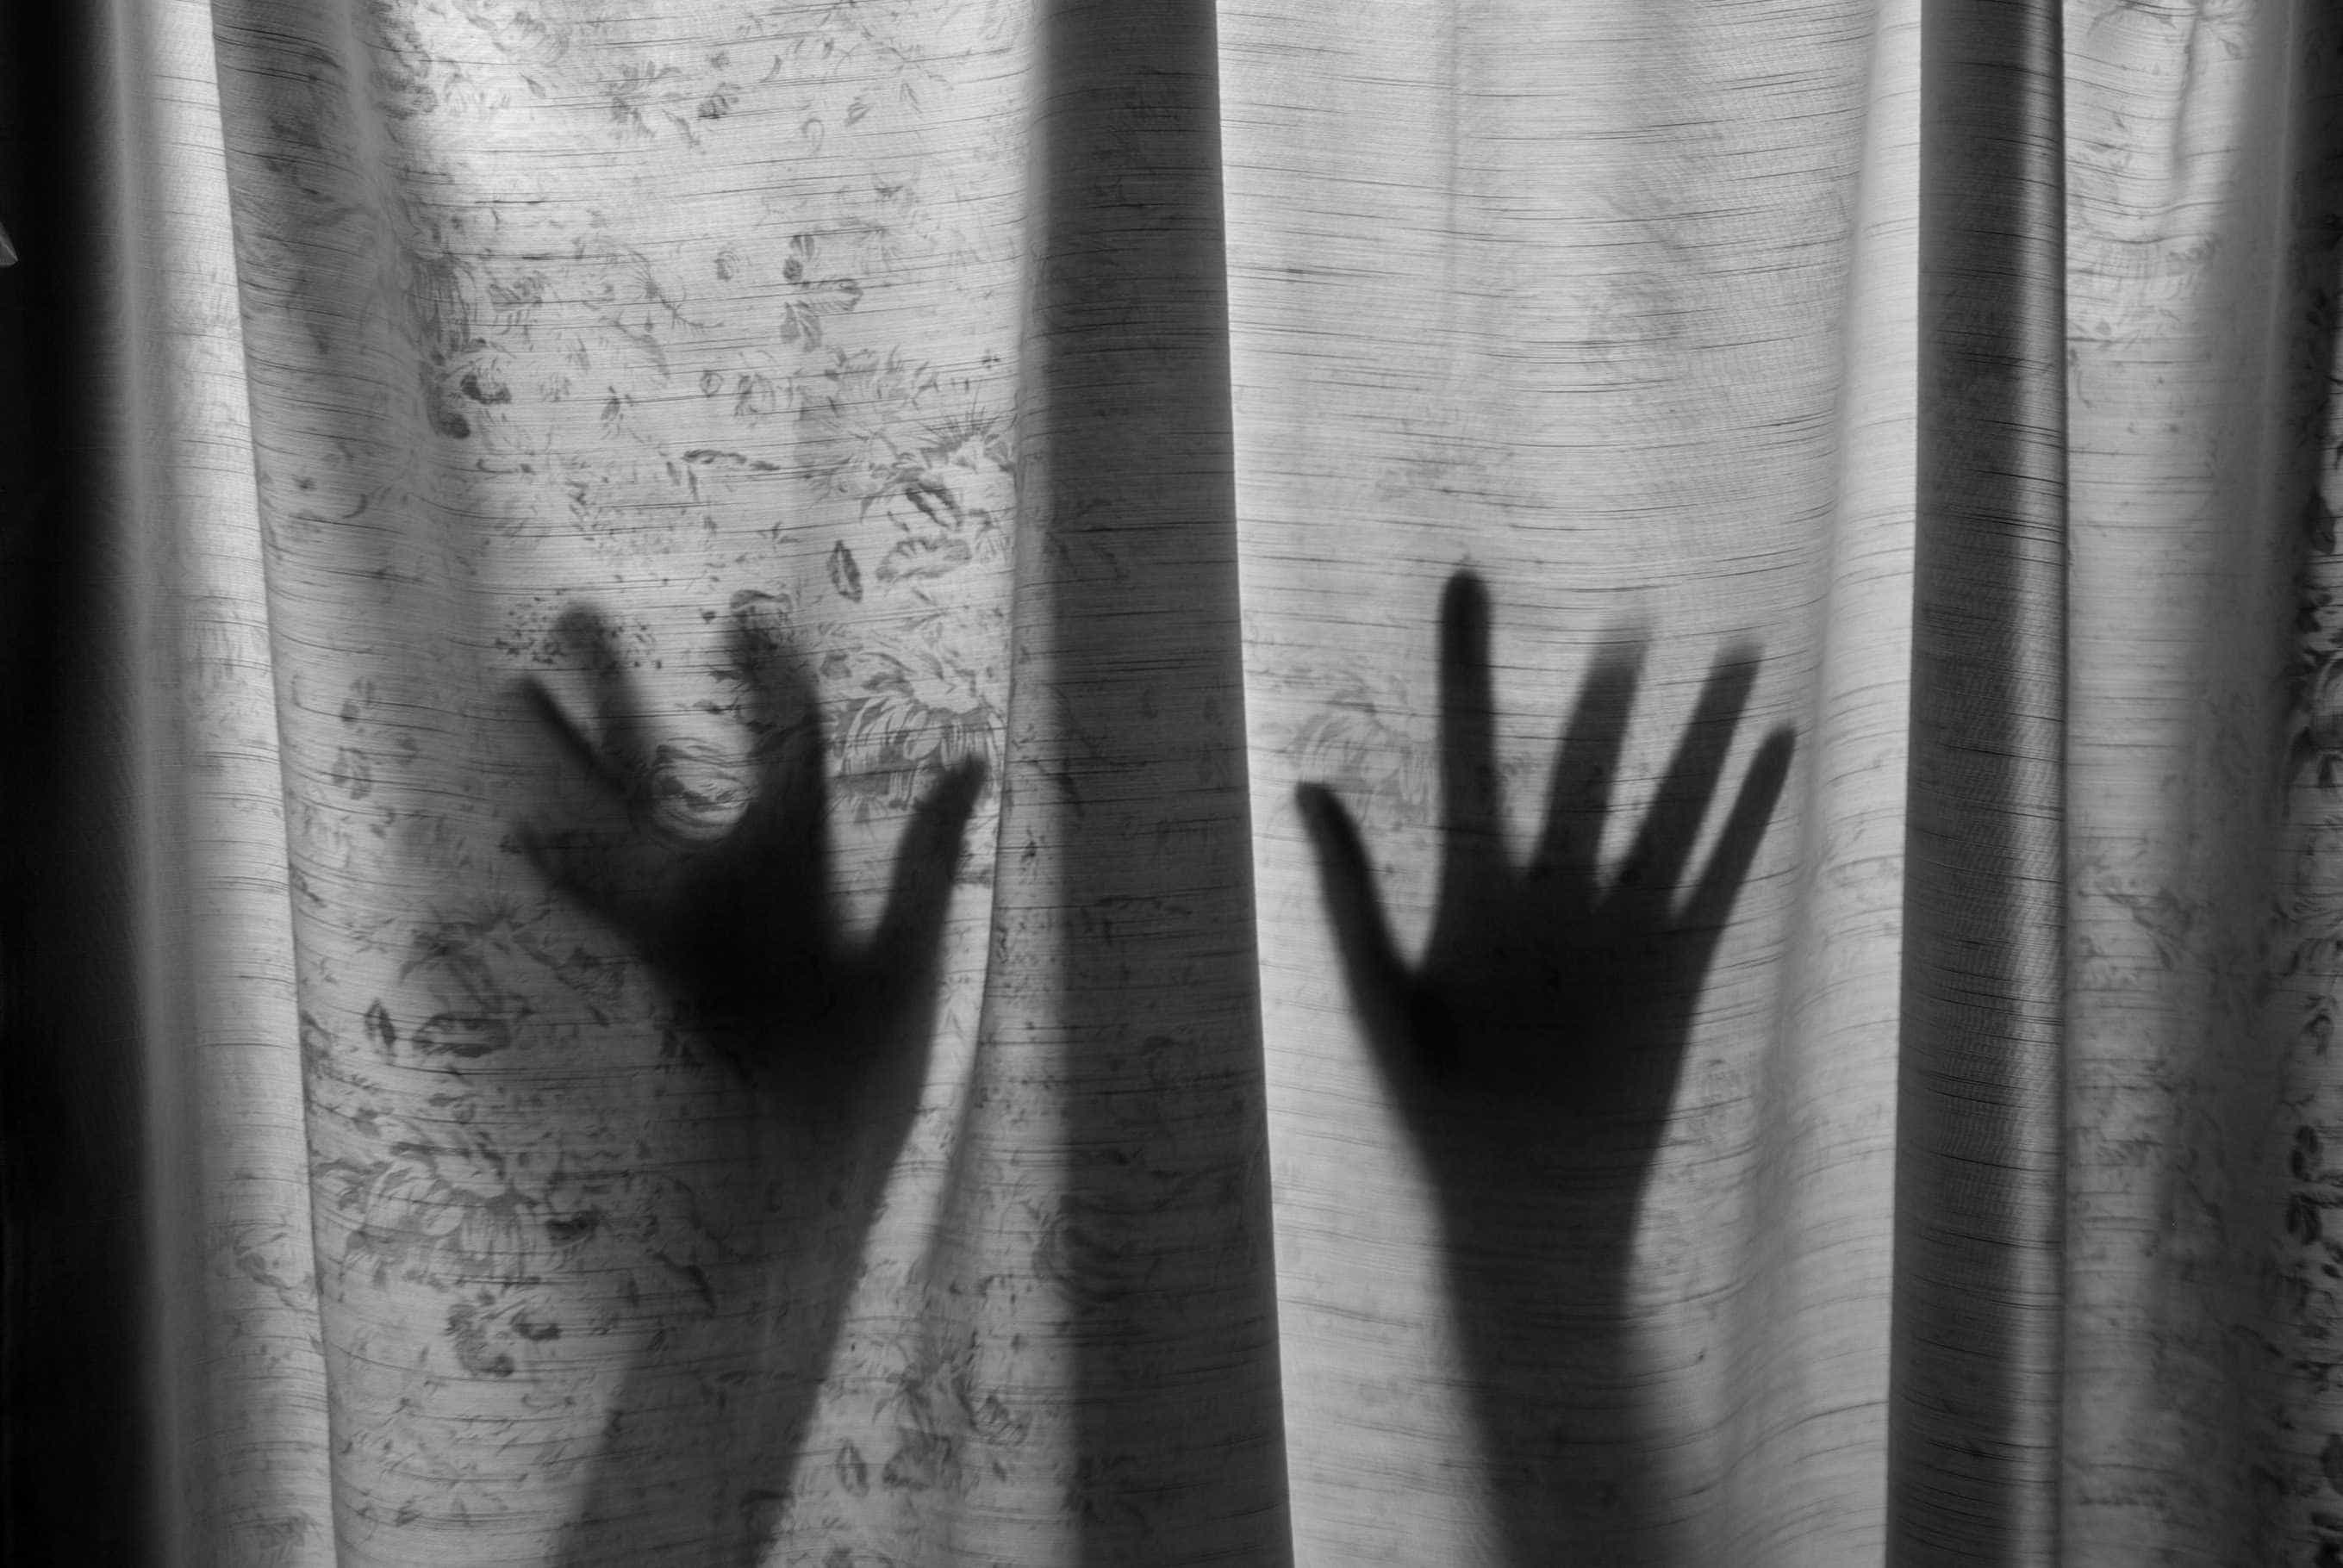 Sob ameaça de arma de fogo, homem raptou e violou jovem na zona de Sintra